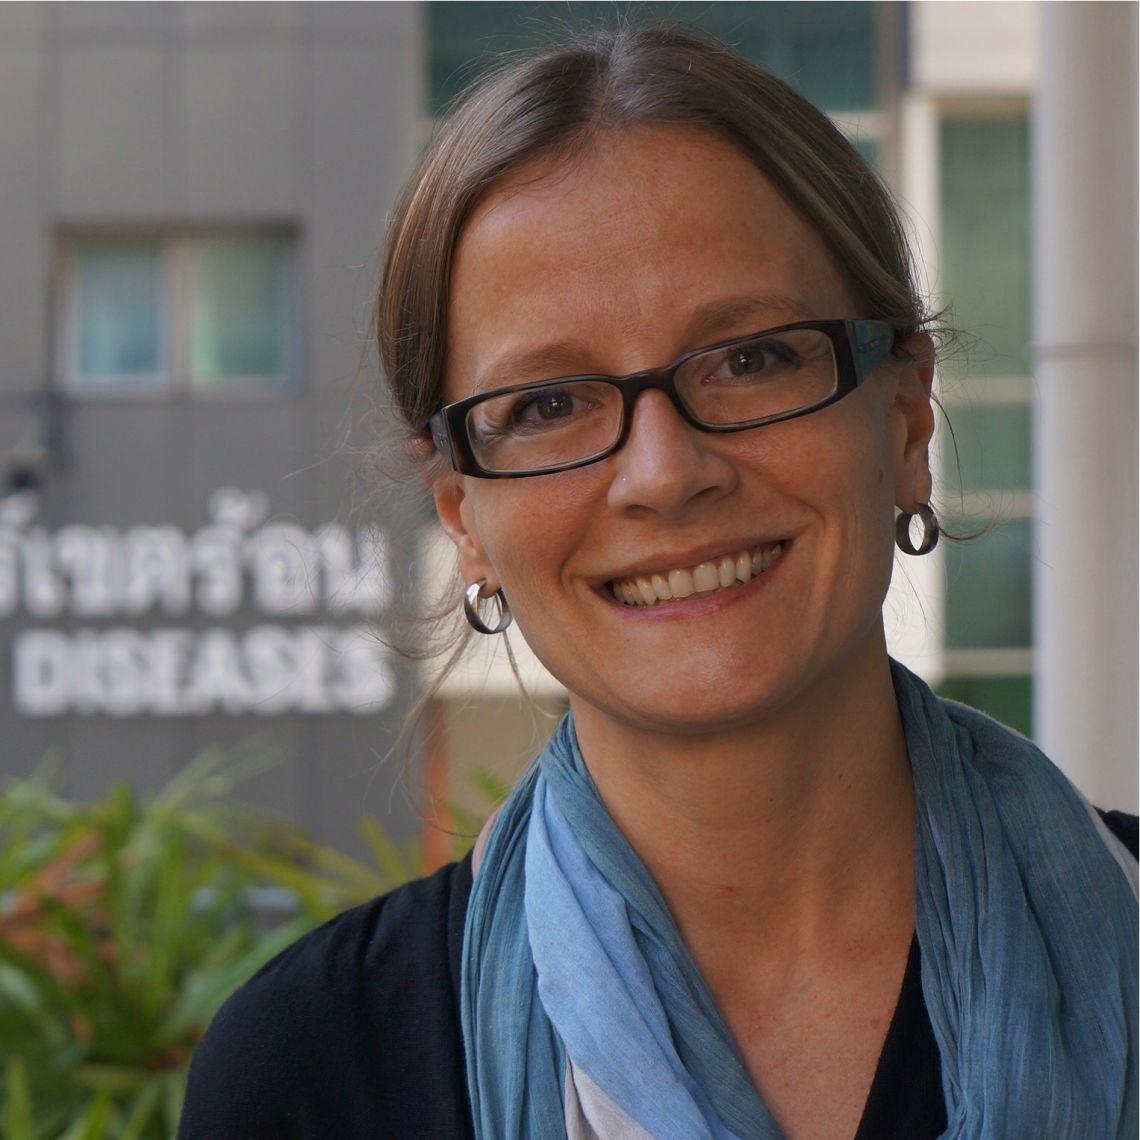 Dr Katherine Plewes